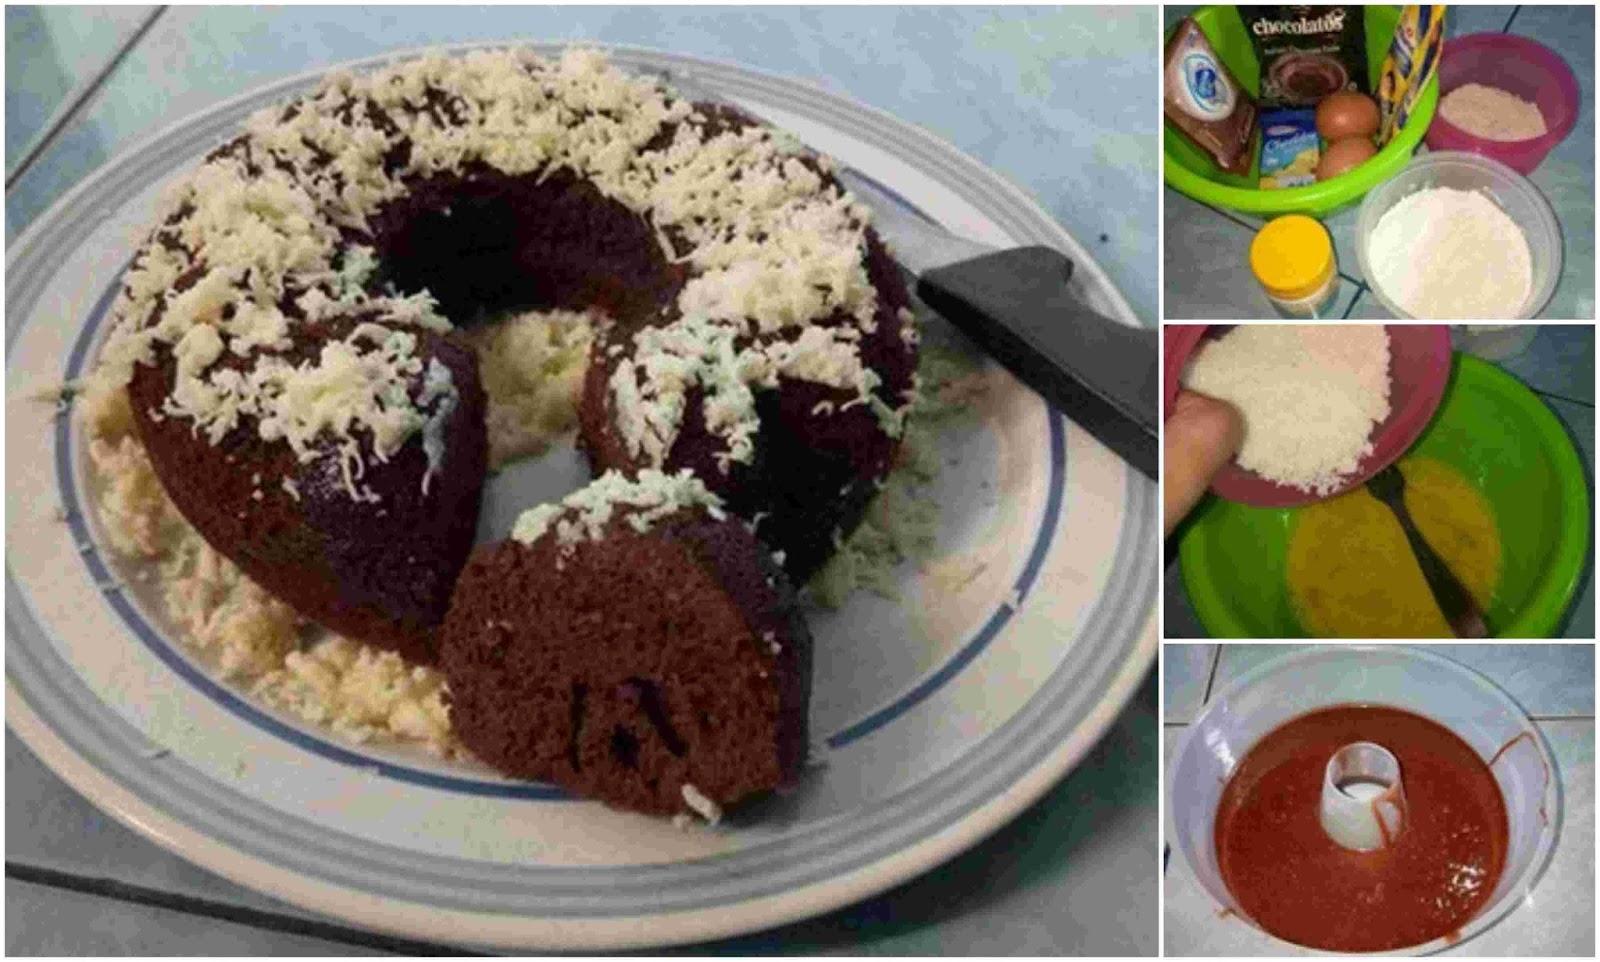 Resep Membuat Brownies Kukus Chocolatos Super Enak Bikin